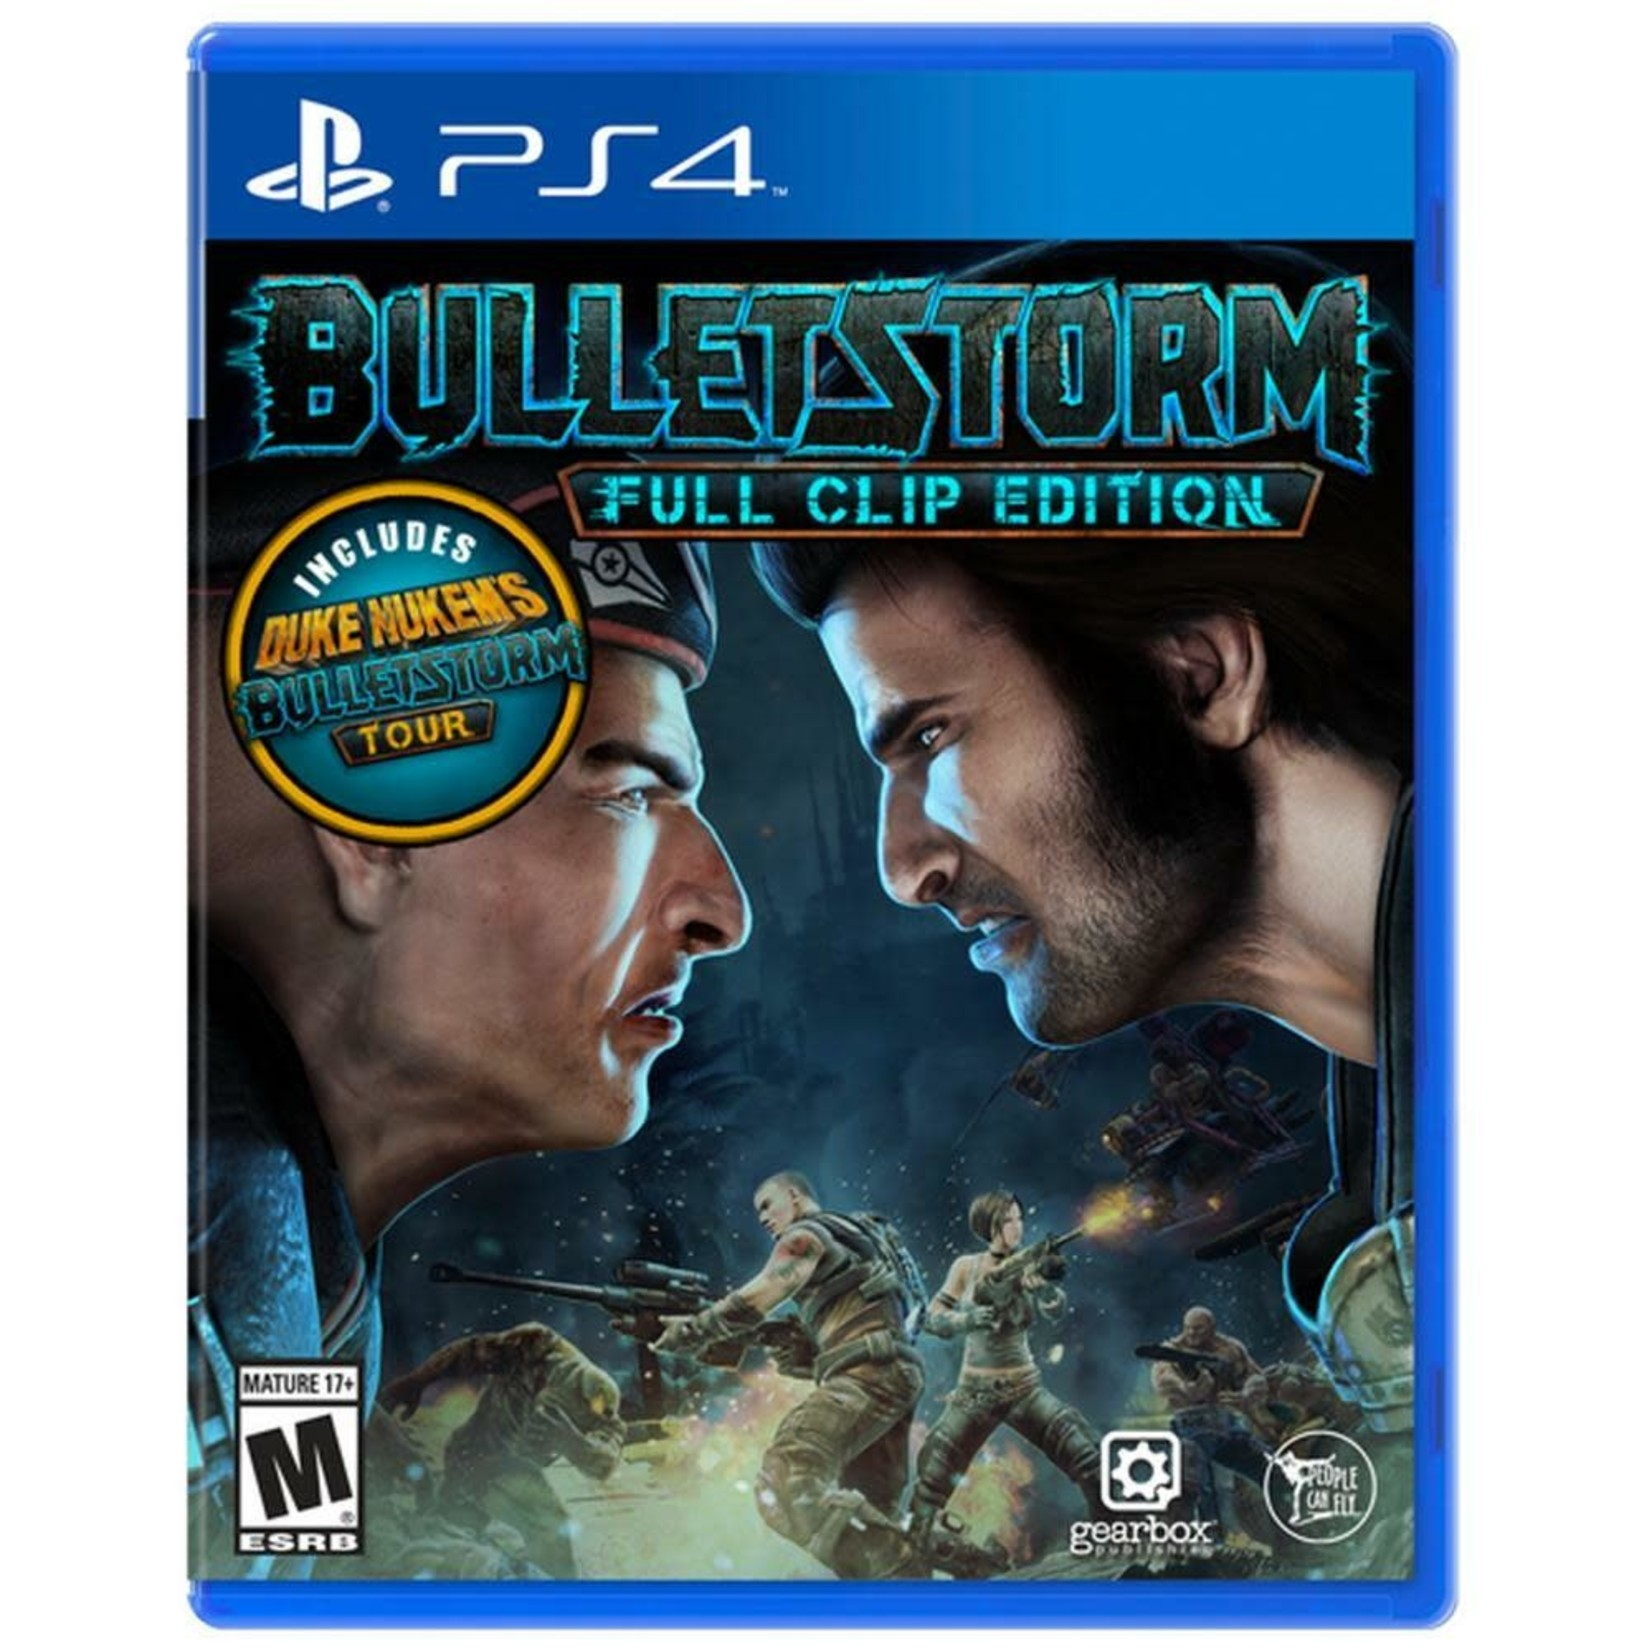 PS4U-Bulletstorm: Full Clip Edition